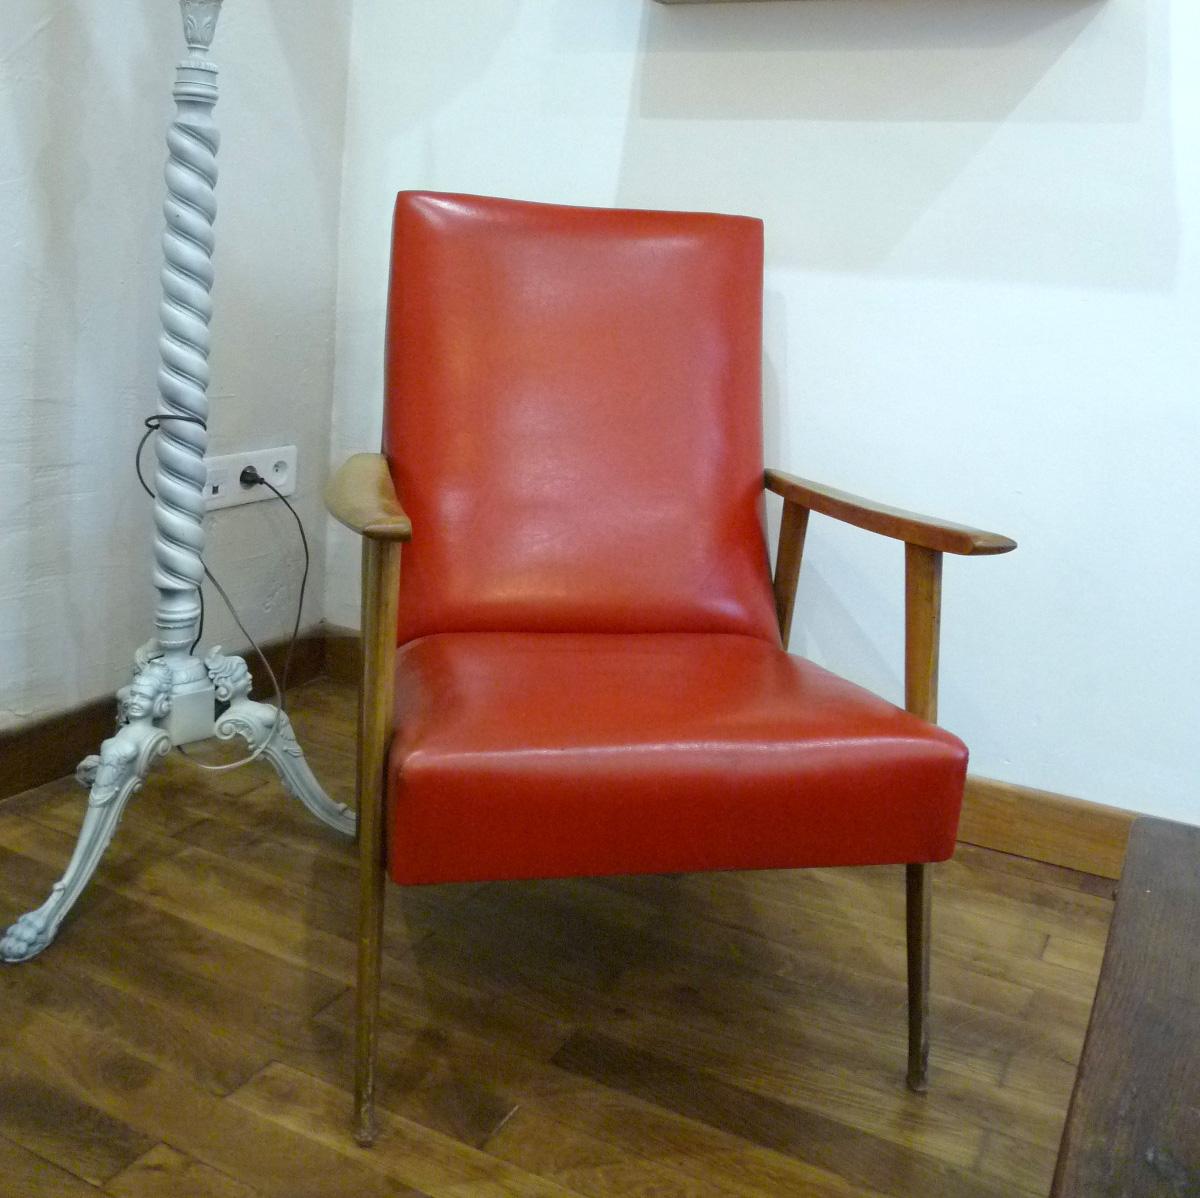 rue rivoirette diy recouvrir un vieux fauteuil. Black Bedroom Furniture Sets. Home Design Ideas